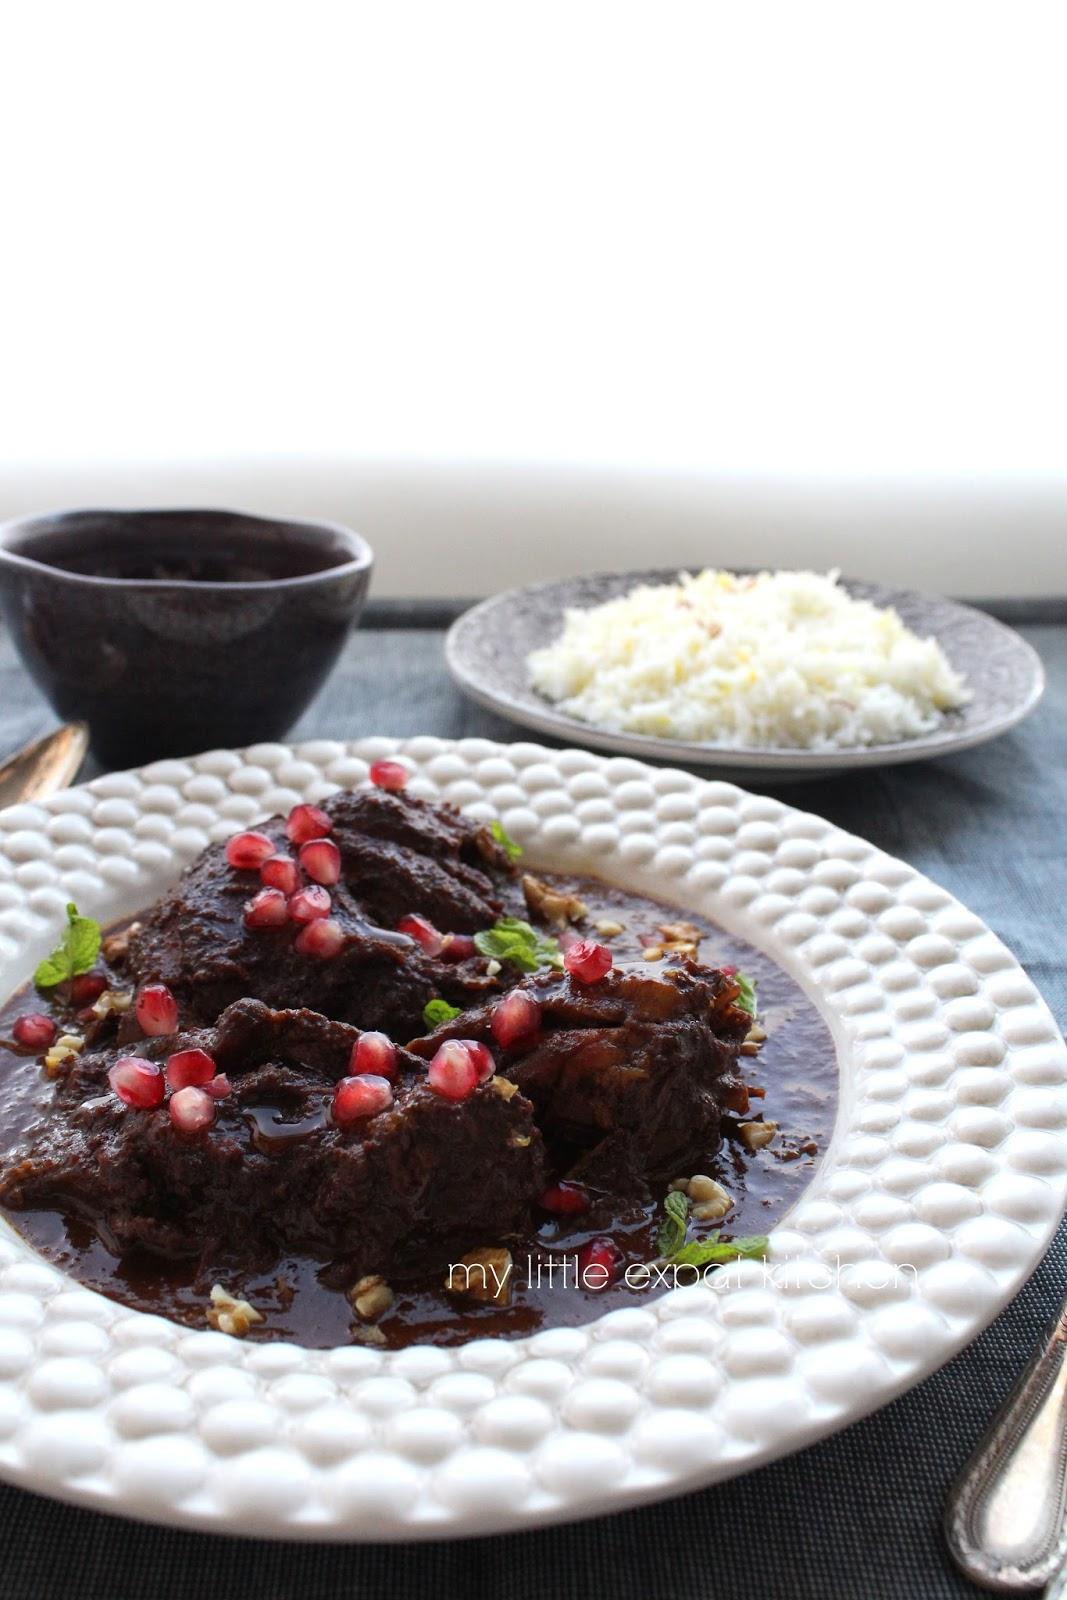 Σιγομαγειρεμένο κοτόπουλο στην κατσαρόλα σε σάλτσα από καρύδια και πετιμέζι, με ρύζι μπασμάτι αρωματισμένο με σαφράν (Ένα αλλιώτικο περσικό Fesenjan)